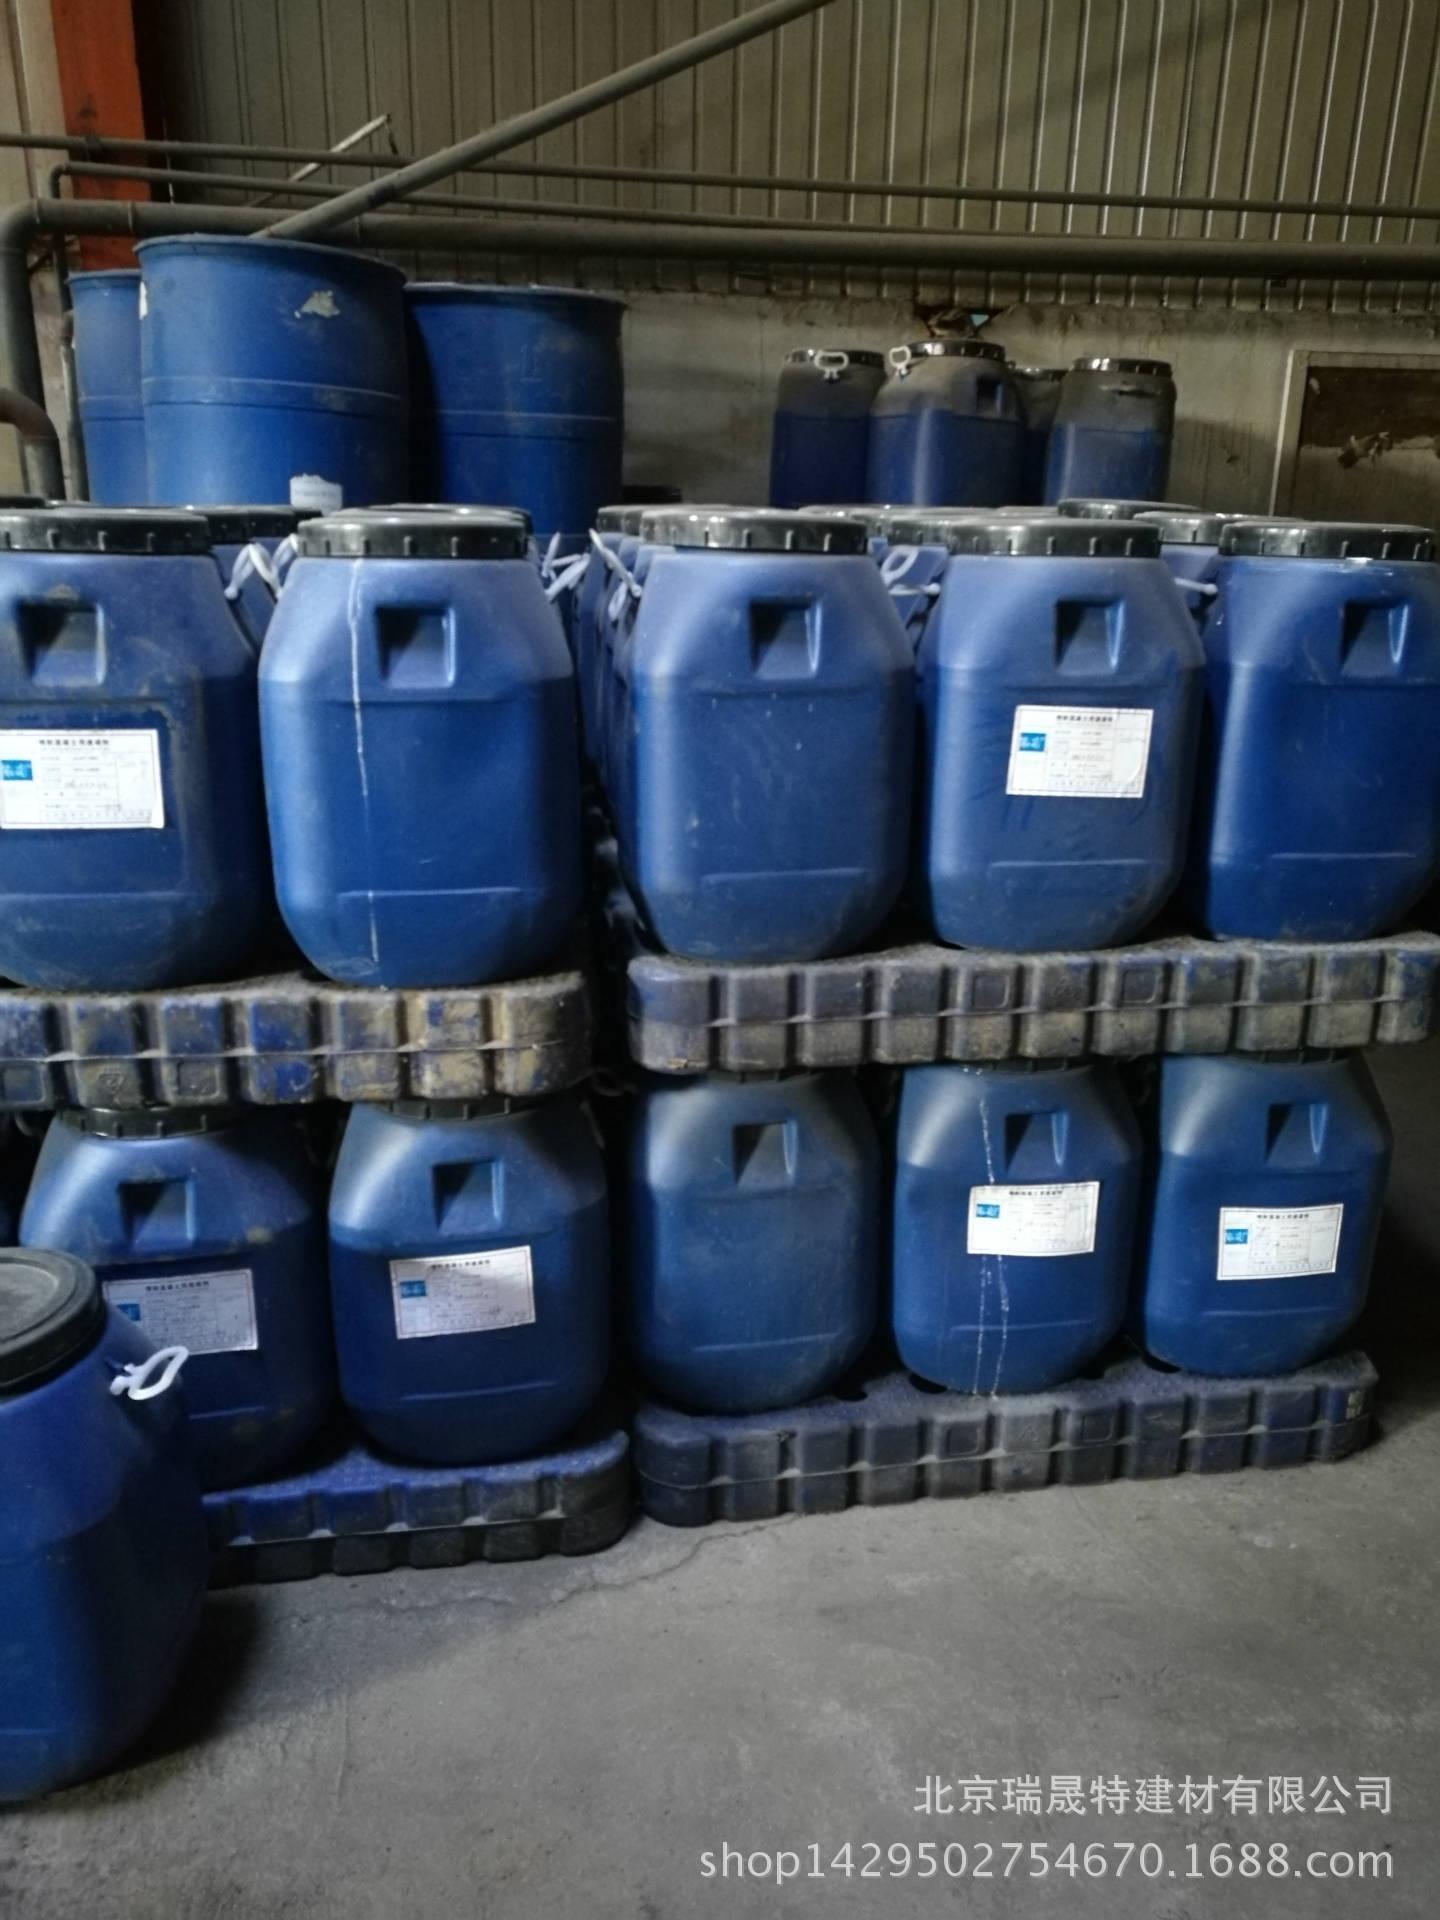 混凝土表面增强剂,混凝土固化剂,混凝土硬化剂,起砂起灰固化剂示例图1